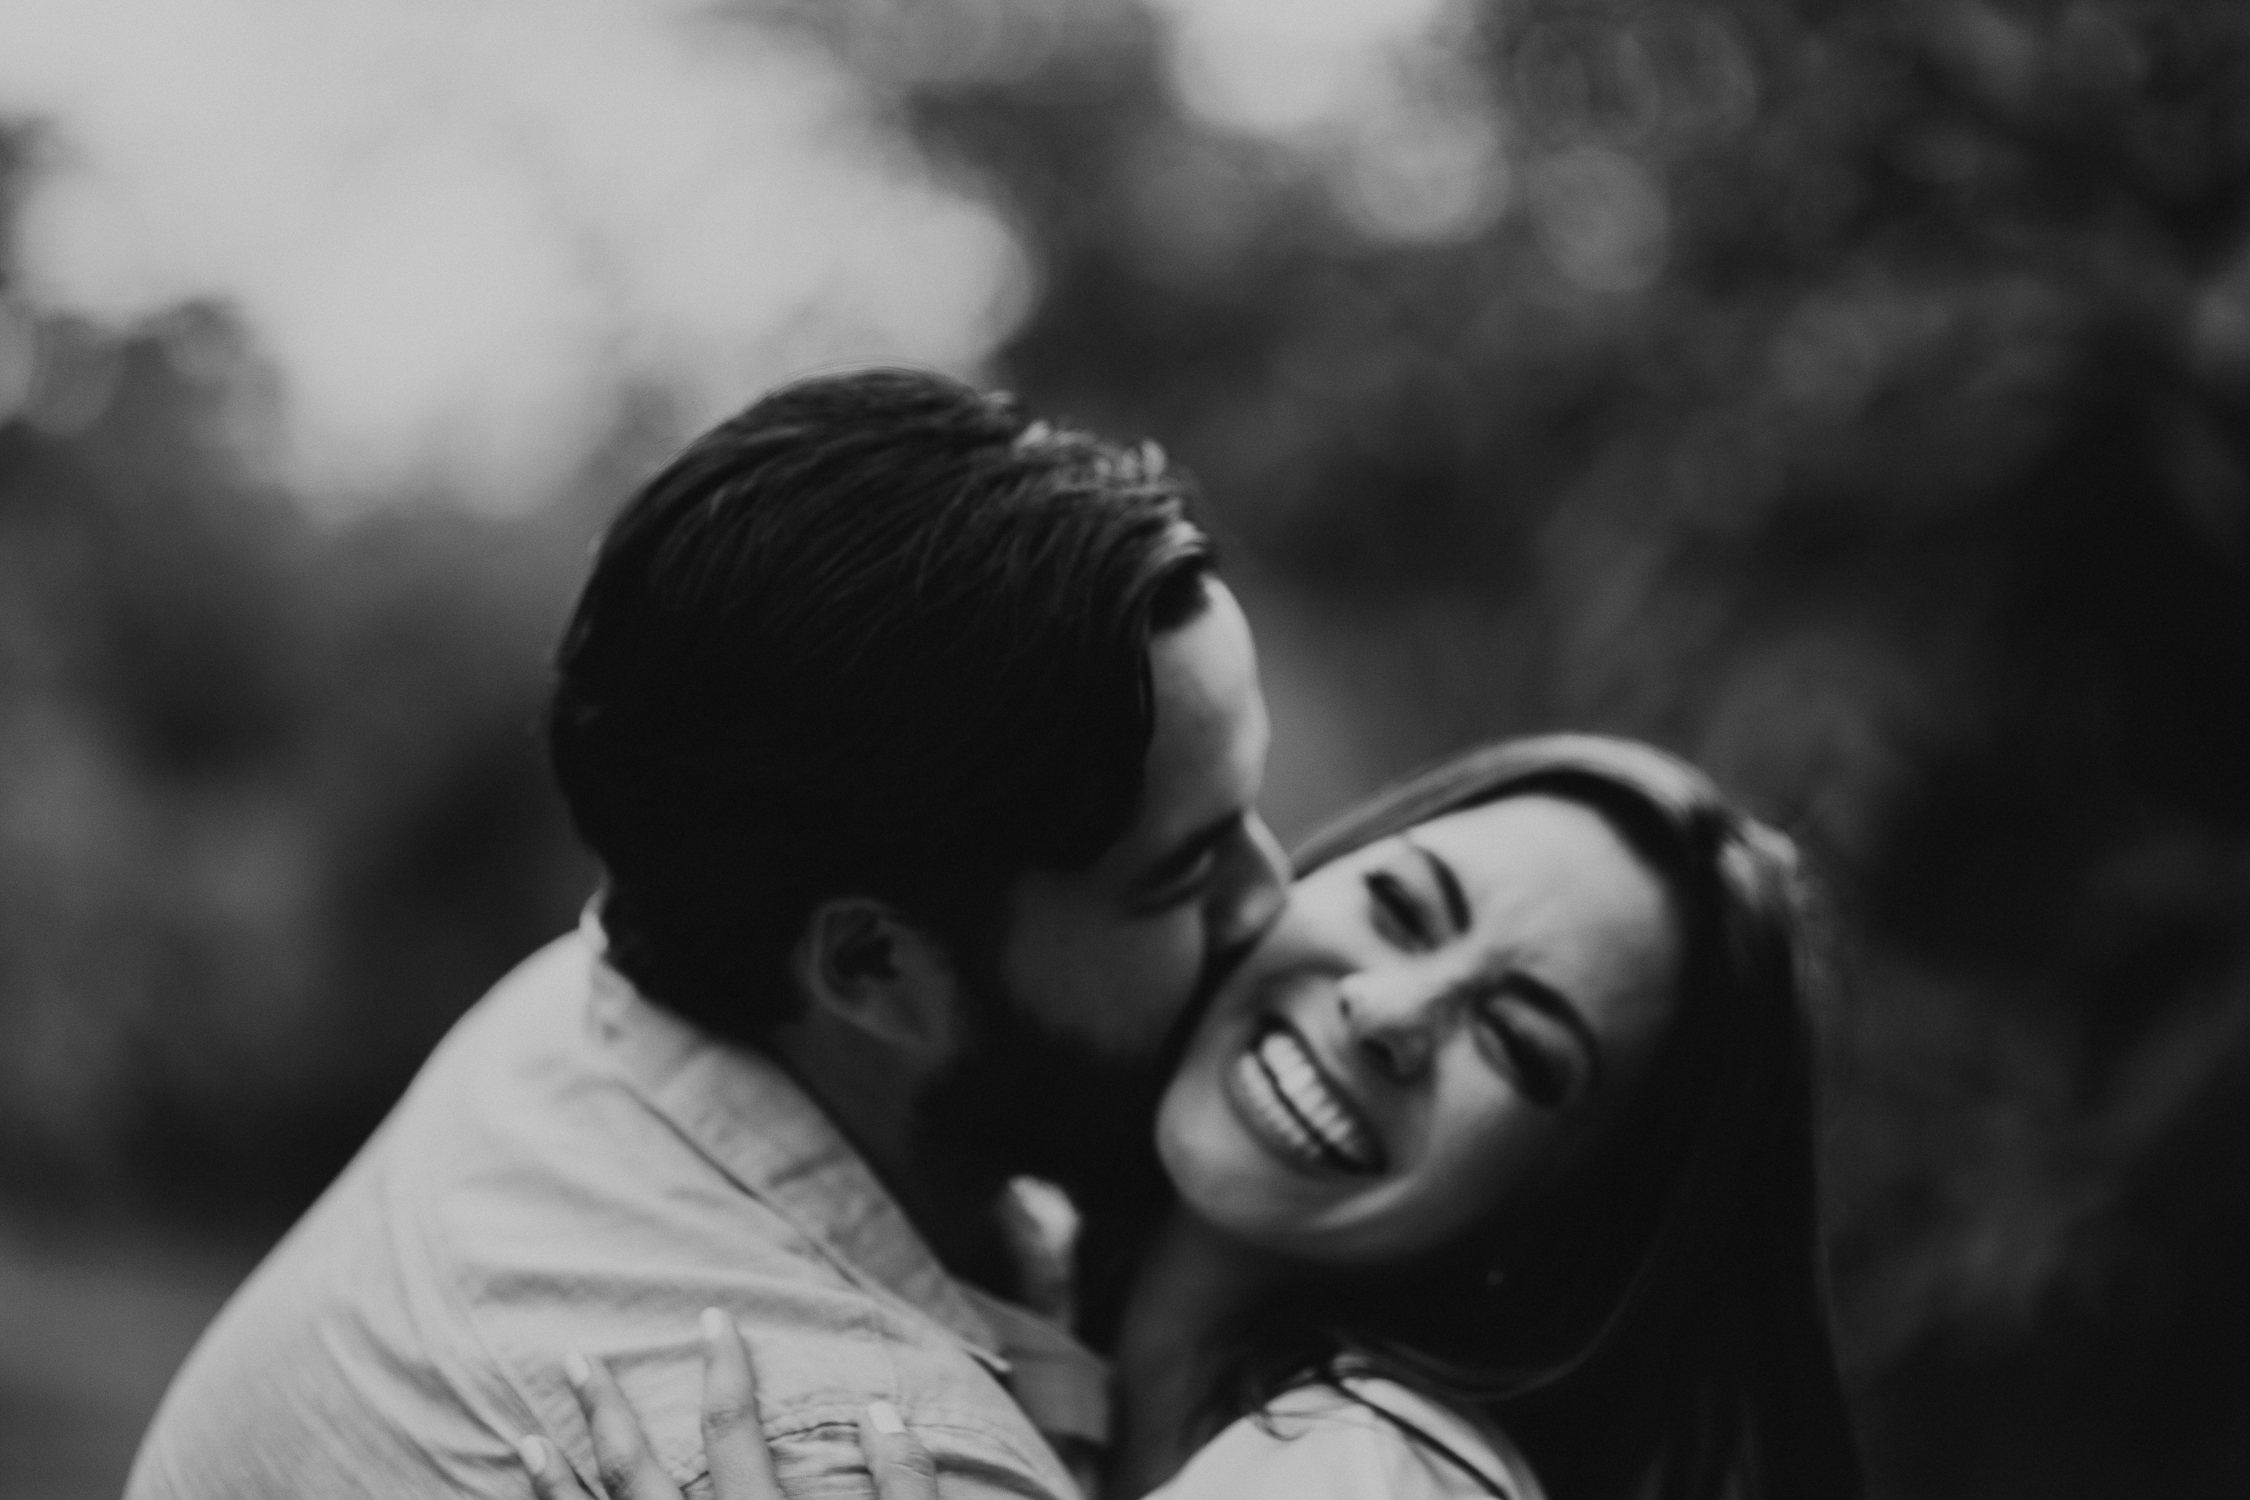 Michelle-Agurto-Fotografia-Bodas-Ecuador-Destination-Wedding-Photographer-Sesion-Maria-Gracia-Bonfy-13.JPG